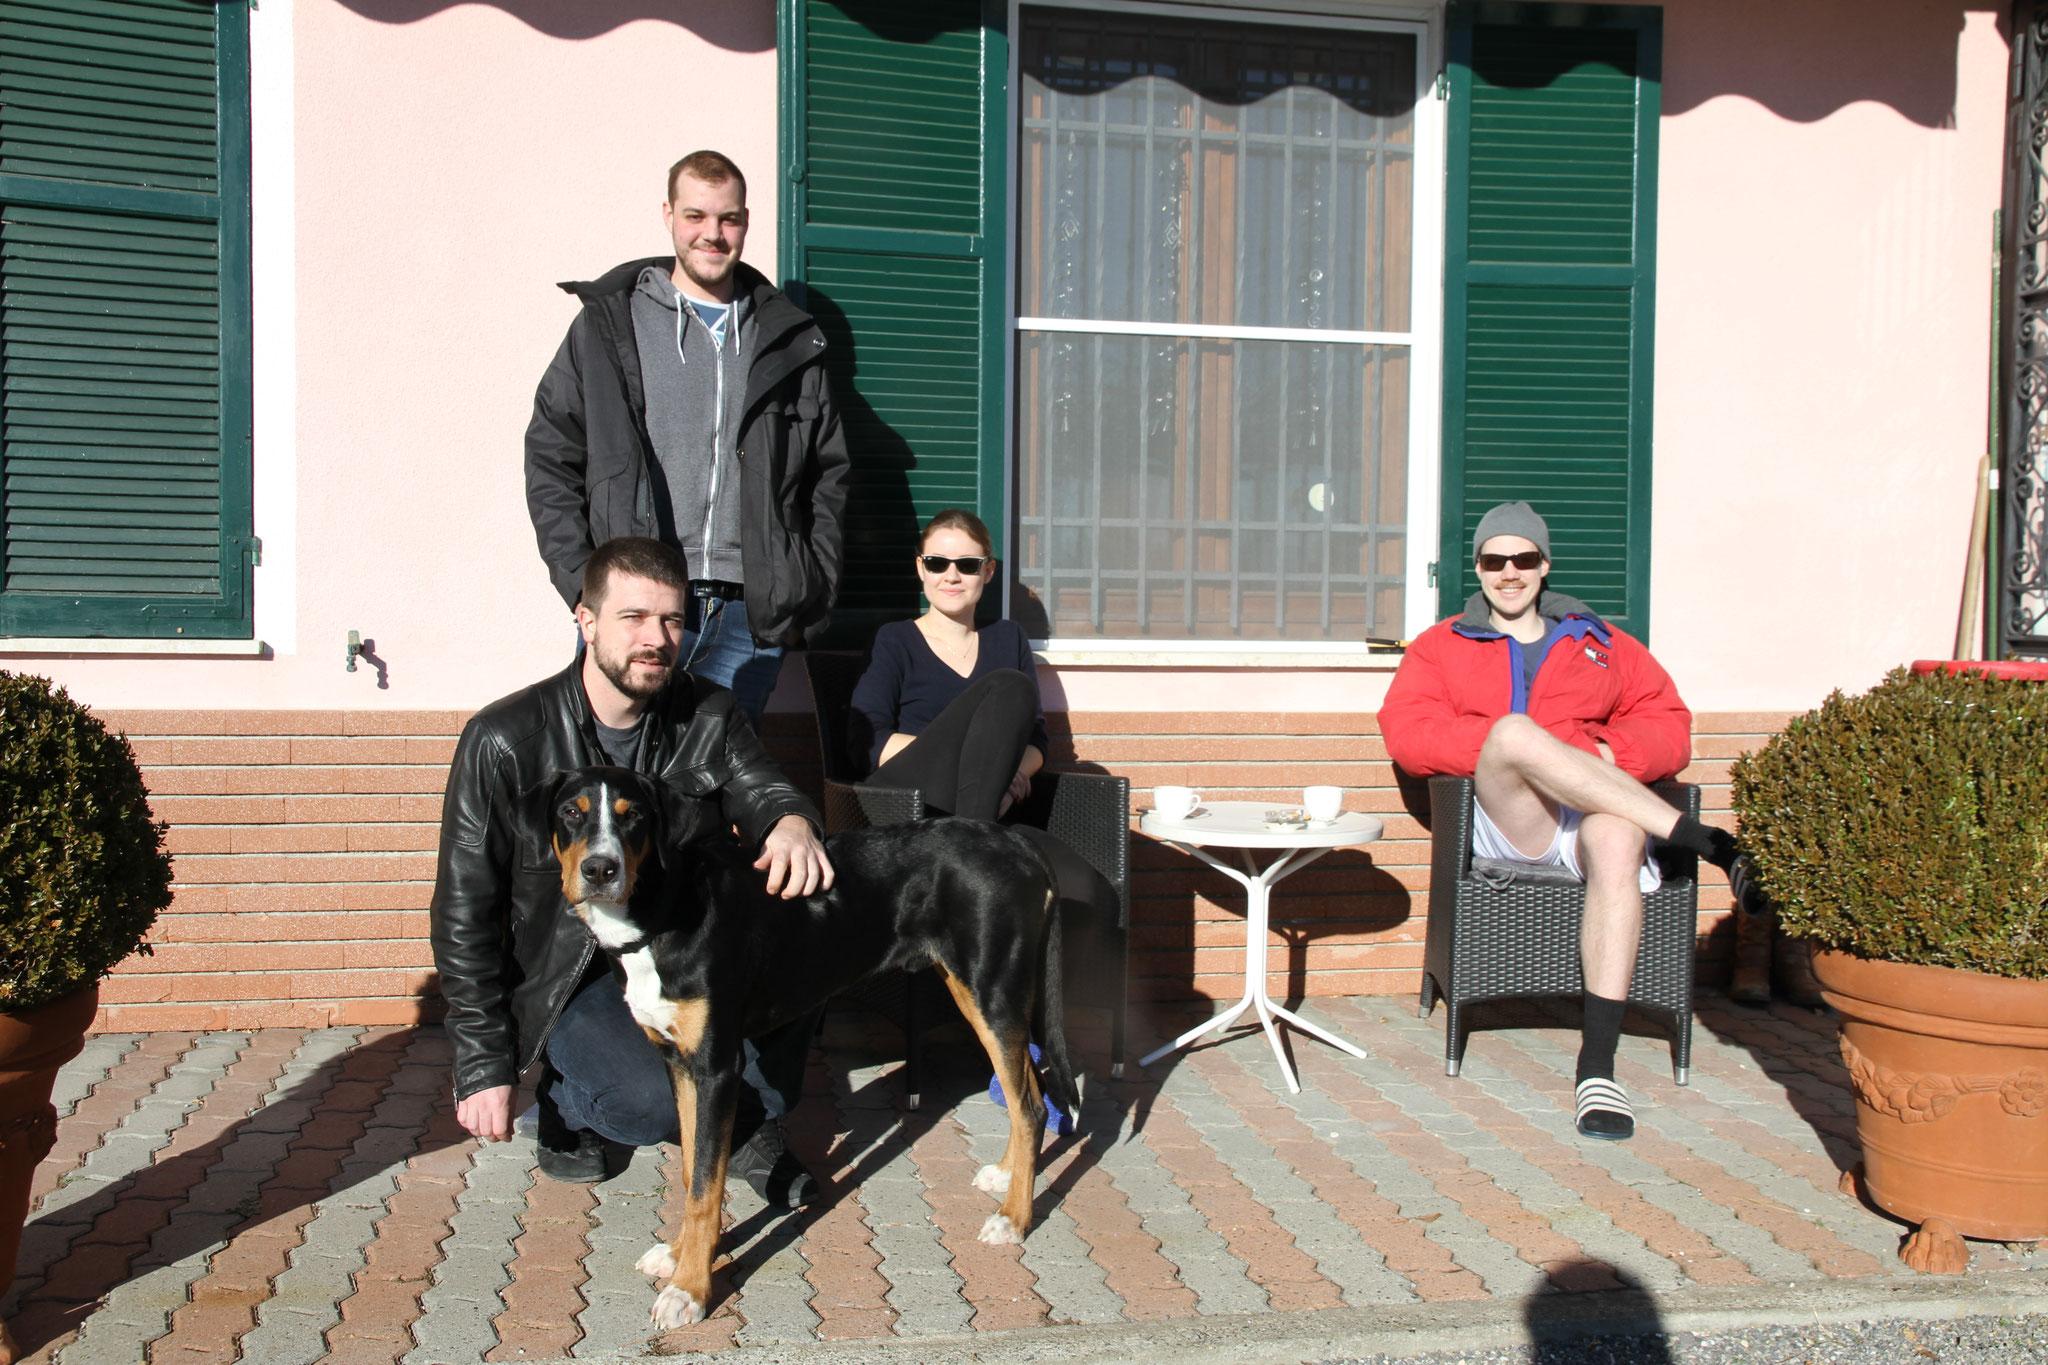 Frühlingsgefühle: Thomas, Zoe, Christoph mit Marc und Tirass geniessen die Sonne.